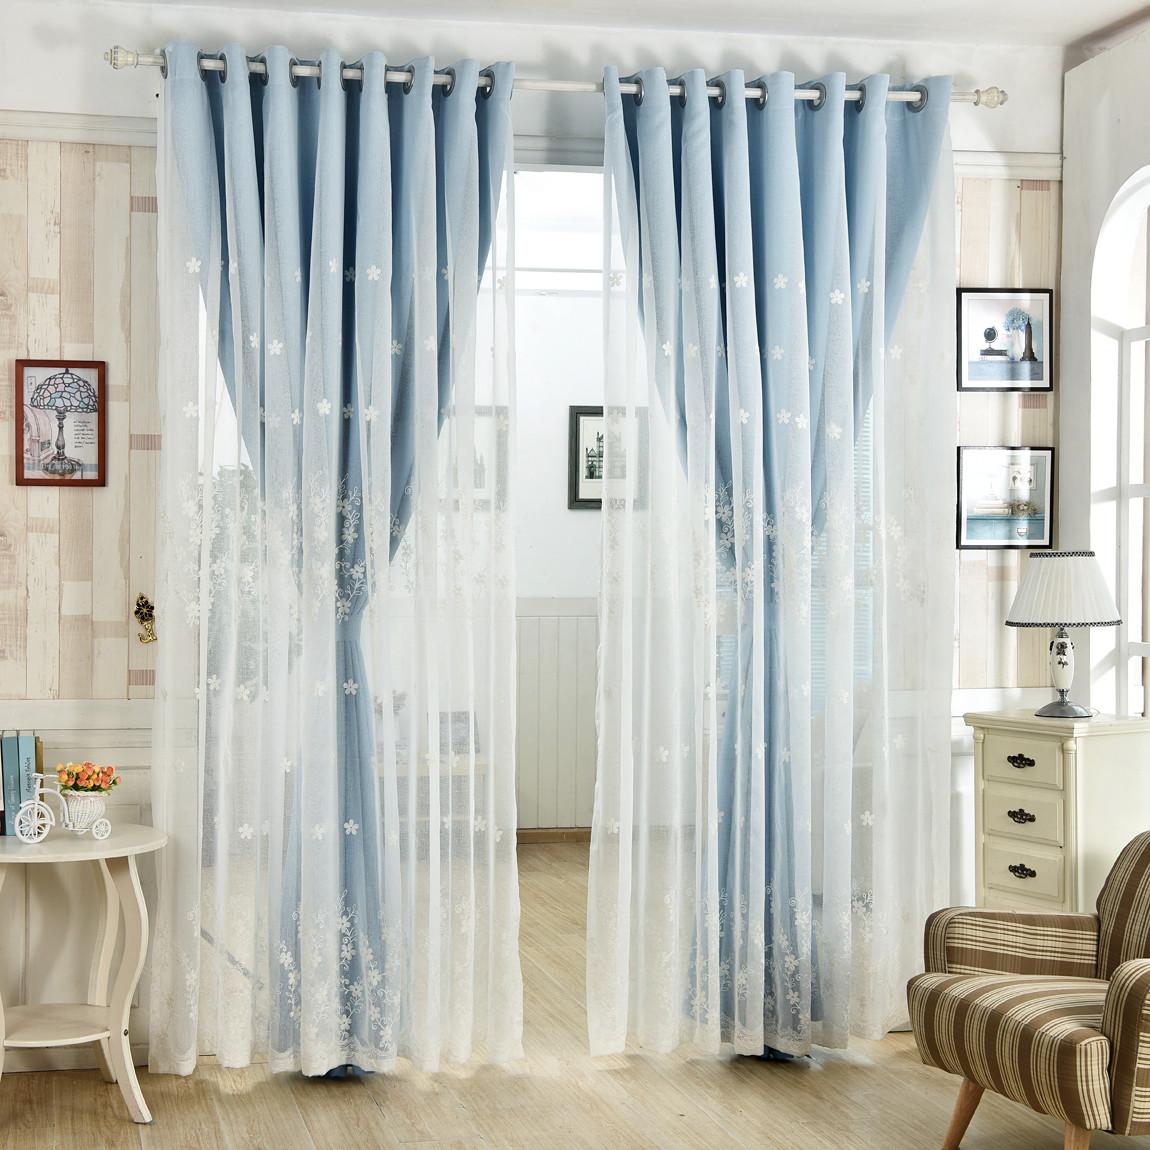 韩式定制窗帘成品客厅卧室纯色蕾丝落地飘窗遮阳全遮光布新款特价